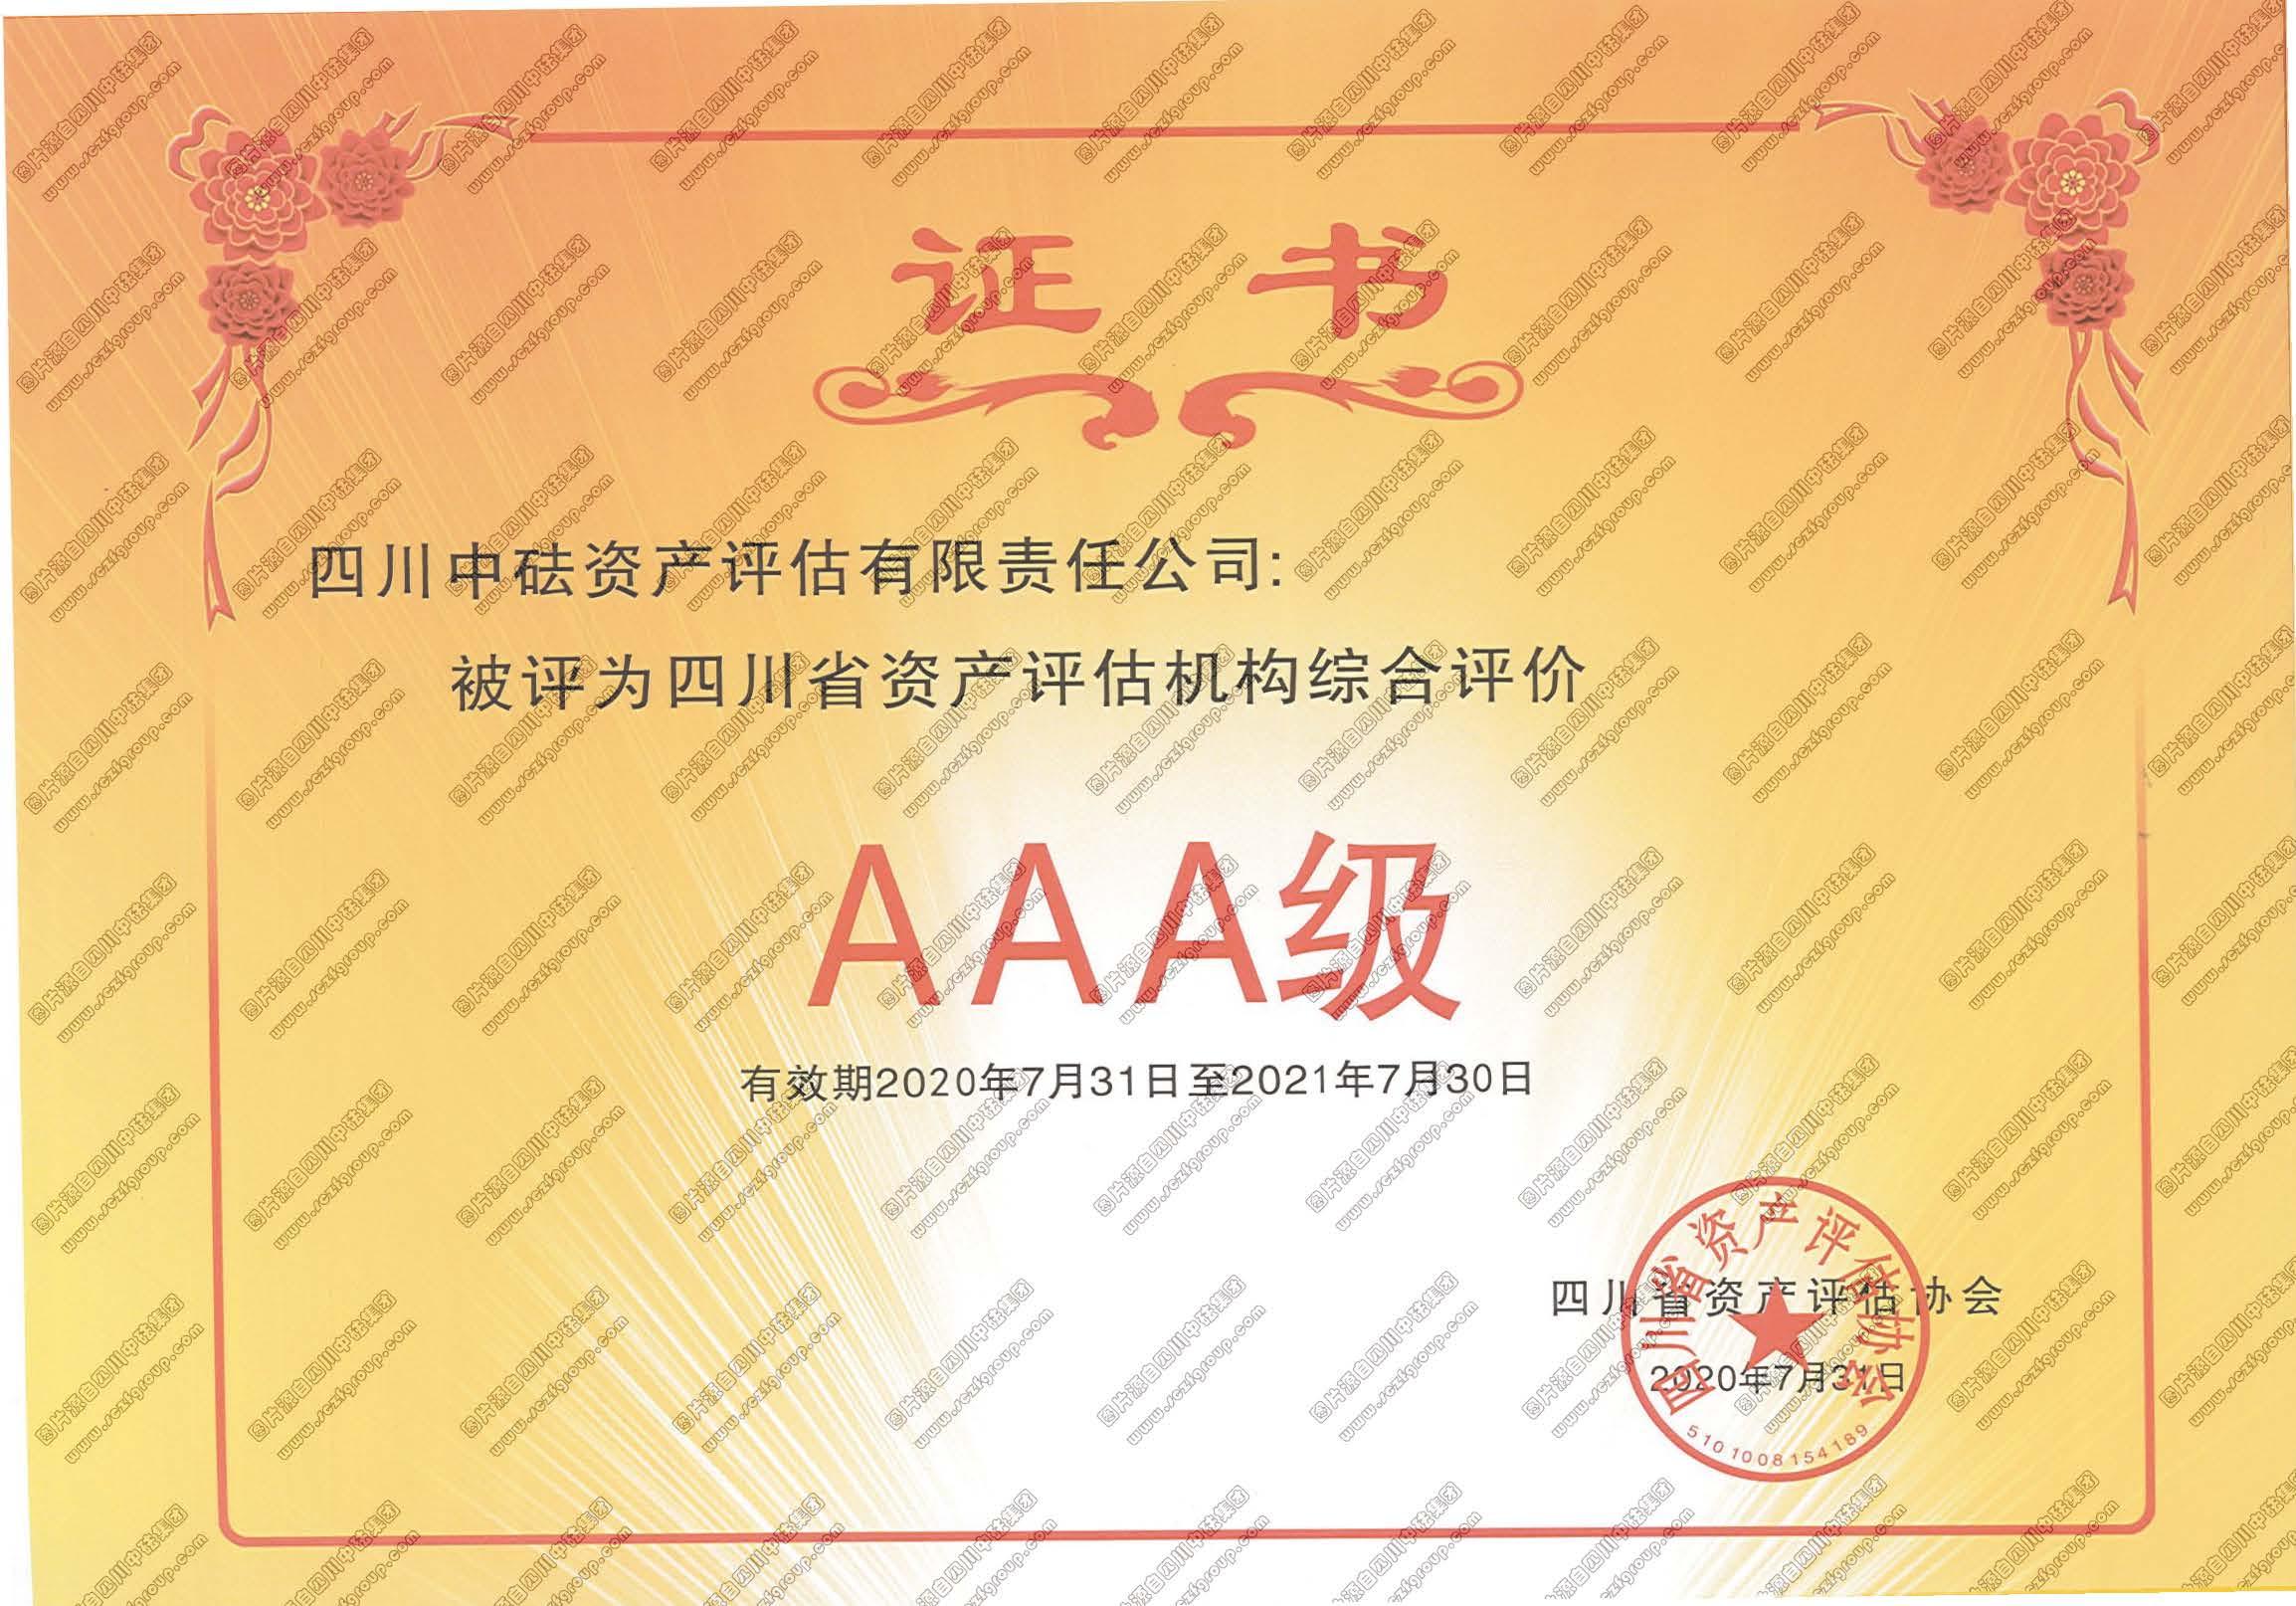 2019年度AAA